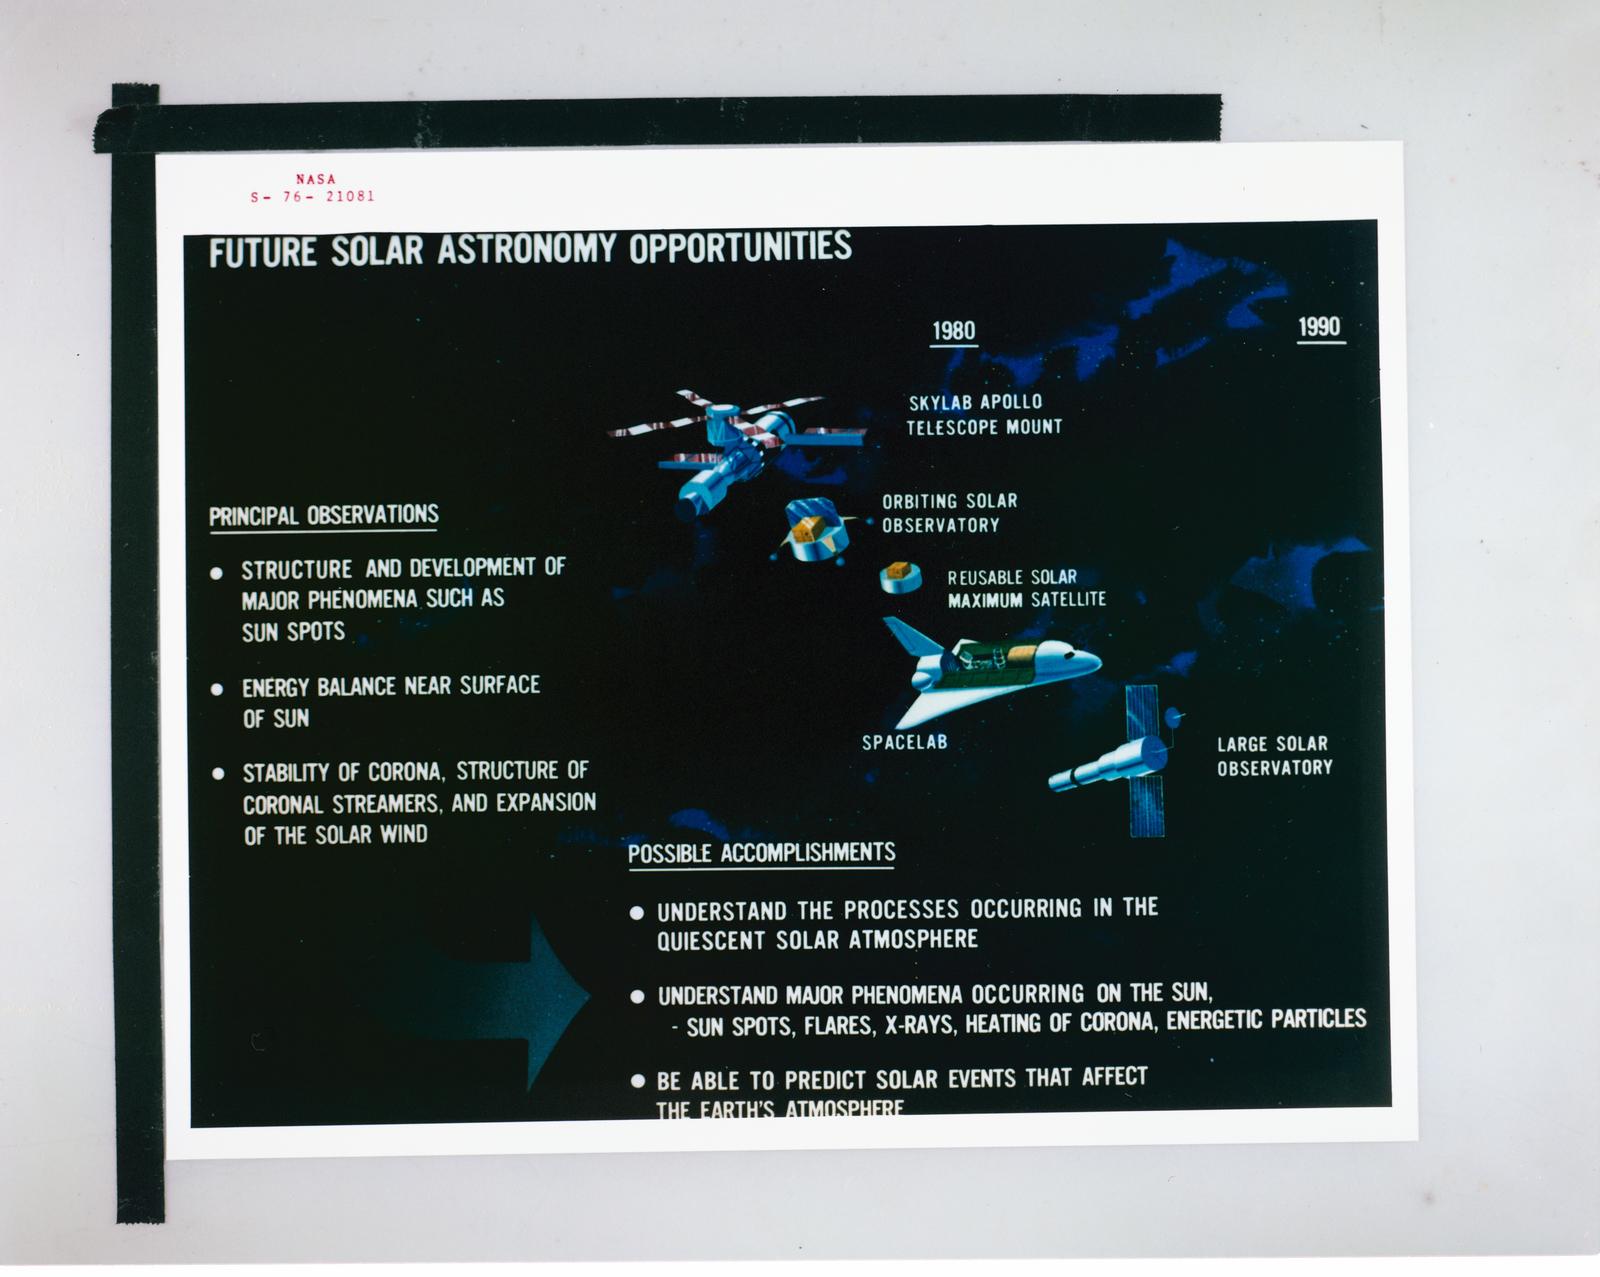 A COMPENDIUM OF FUTURE SPACE ACTIVITIES